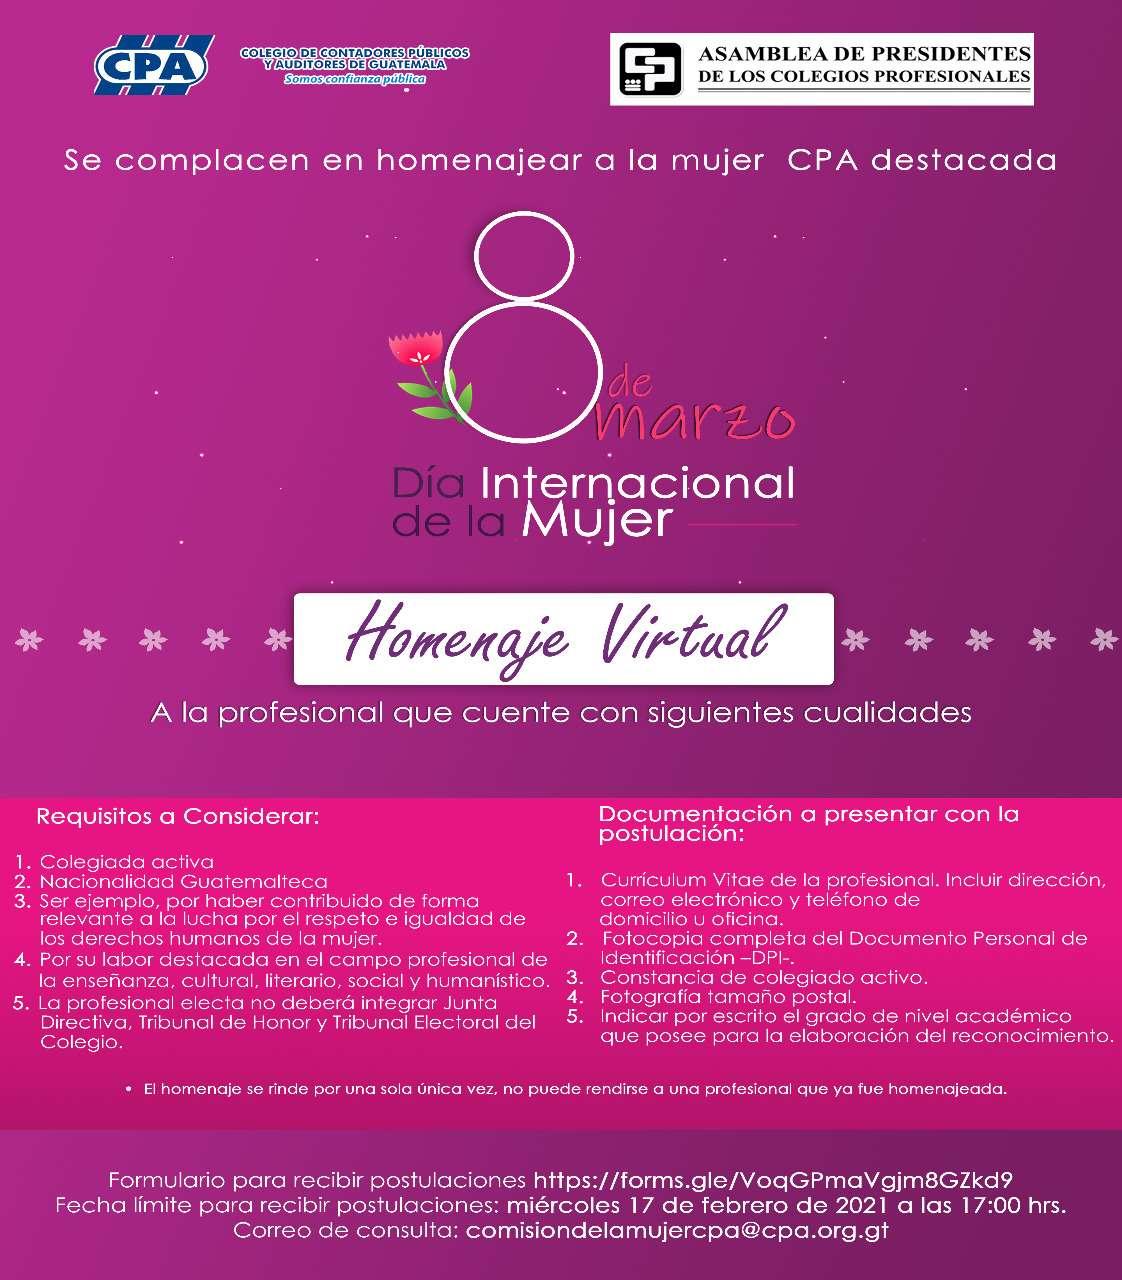 HOMENAJE VIRTUAL | MUJER CPA DESTACADA | DIA INTERNACIONAL DE LA MUJER | 17 FEB 2021